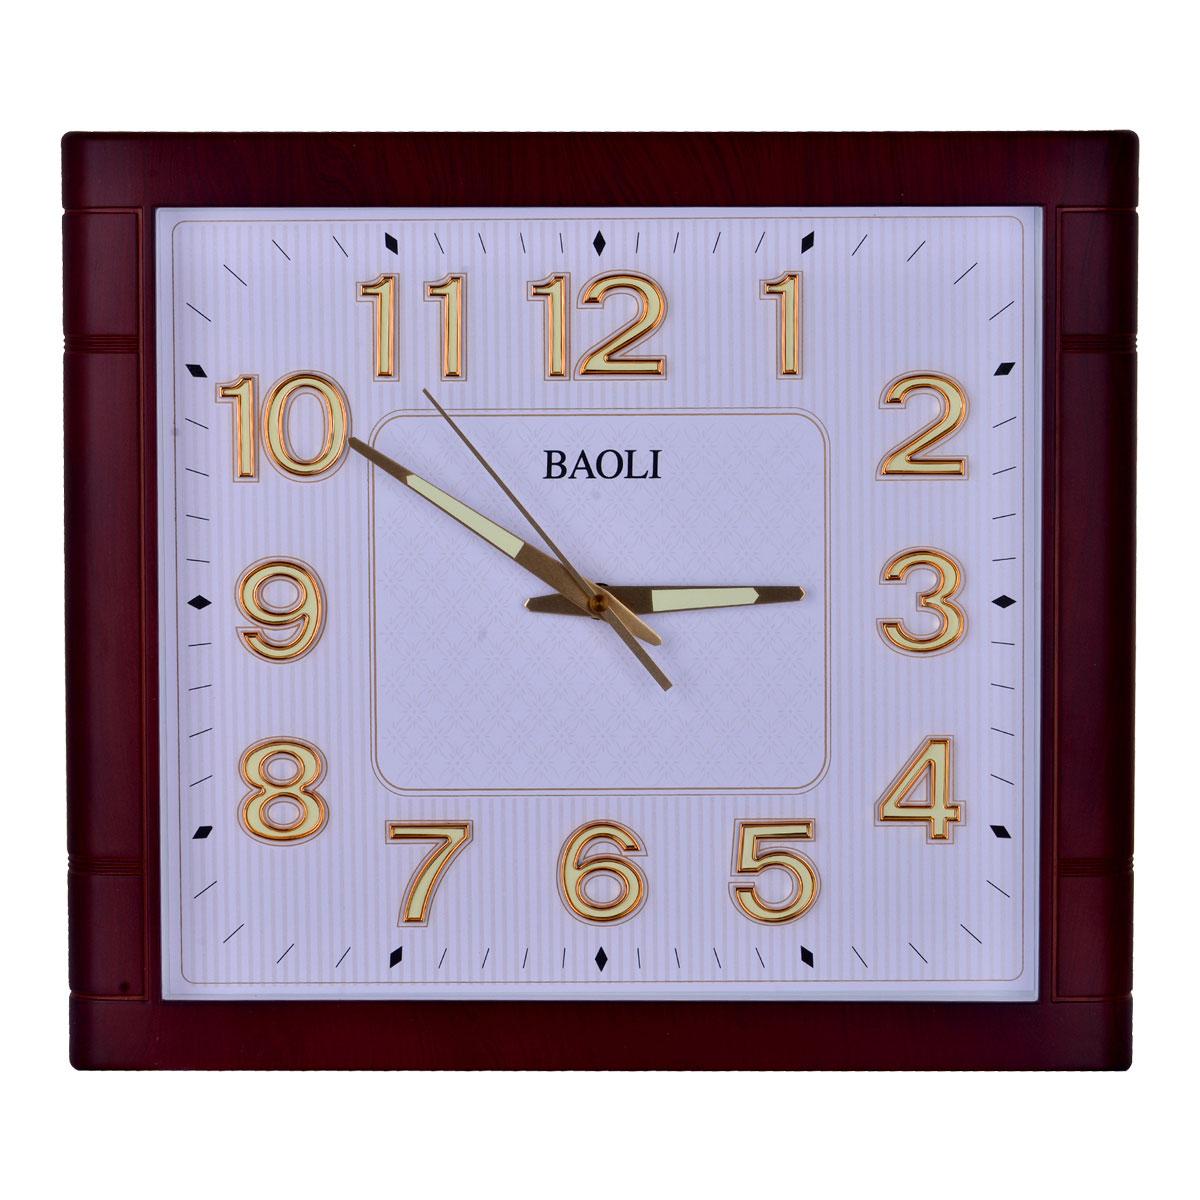 ساعة حائط  مستطيلة الشكل اطار لون بني غامق